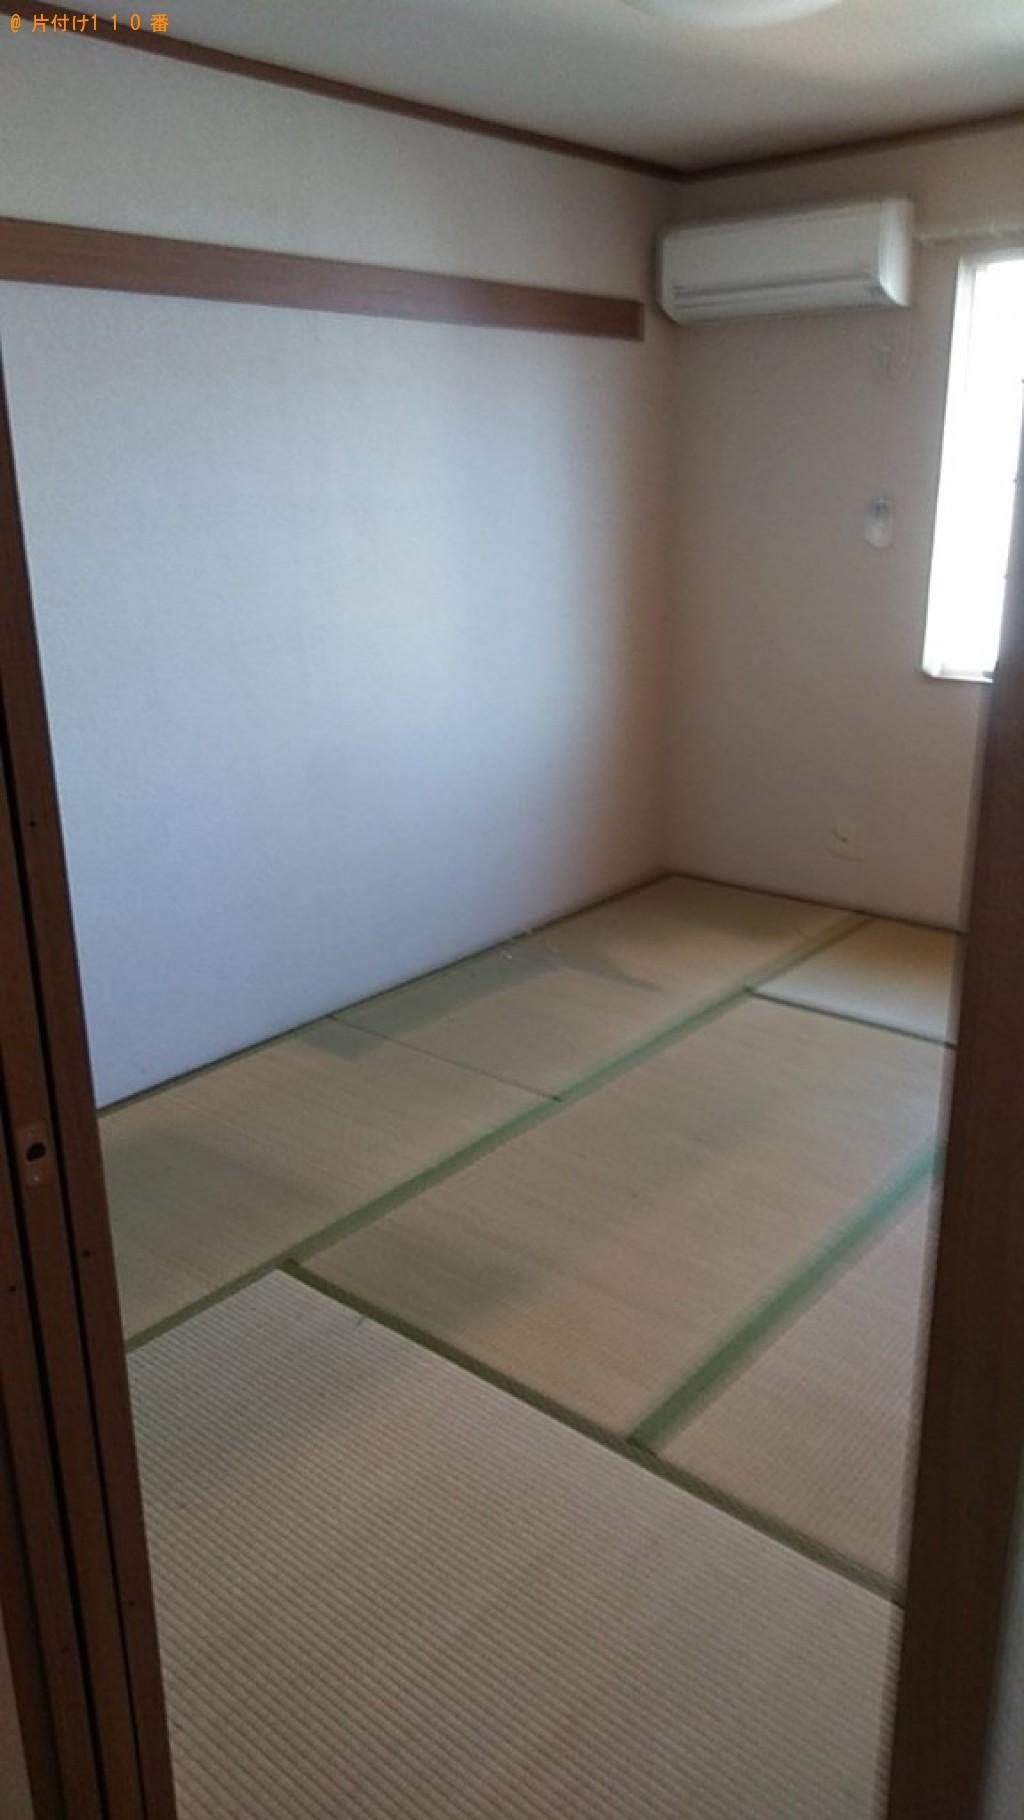 【佐賀市】本棚、食器棚、ソファー、カラーボックス、椅子等の回収